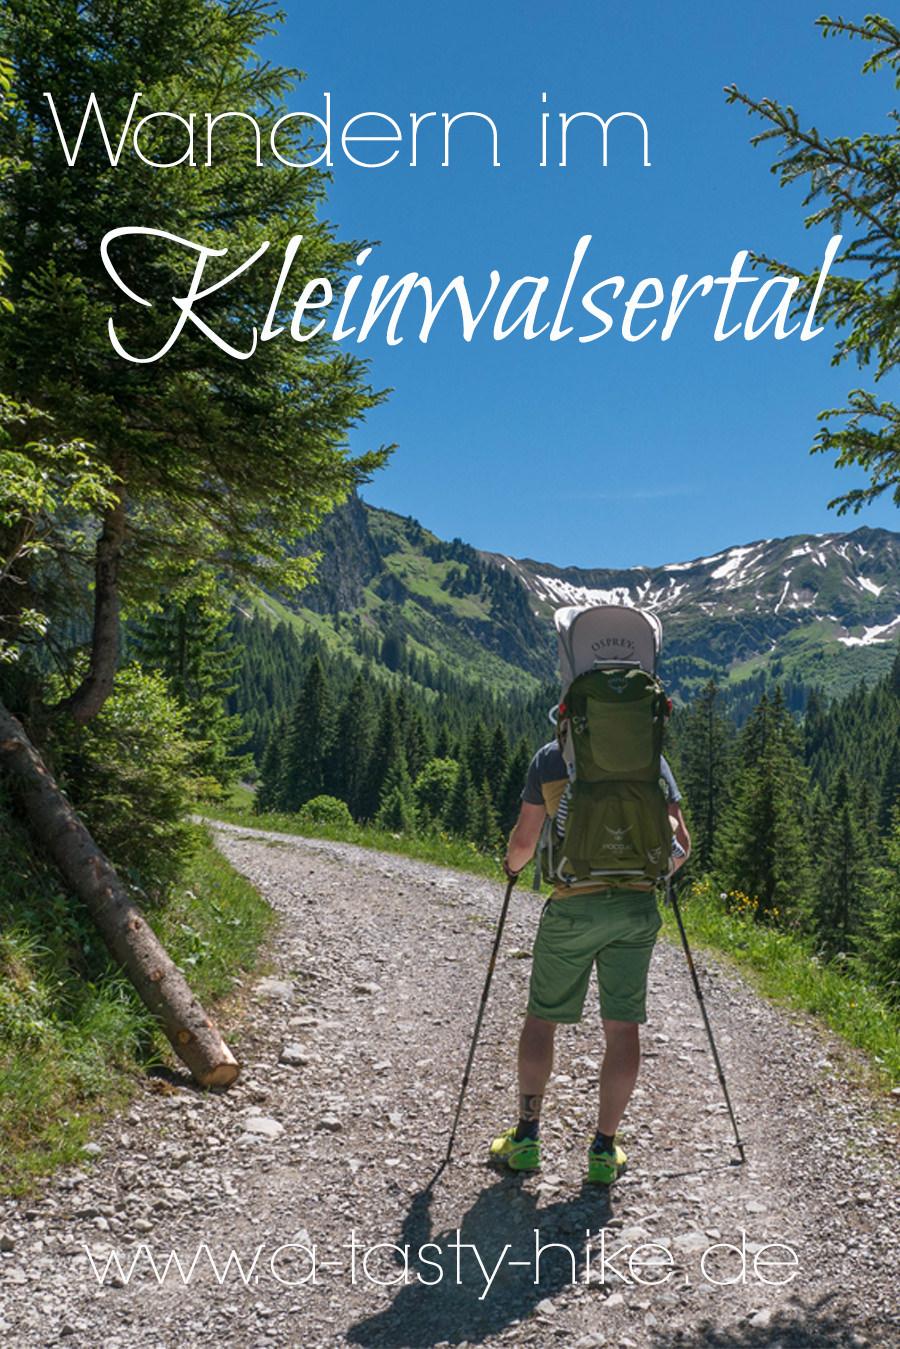 Wanderung im Baergunttal - Titel Pinterest